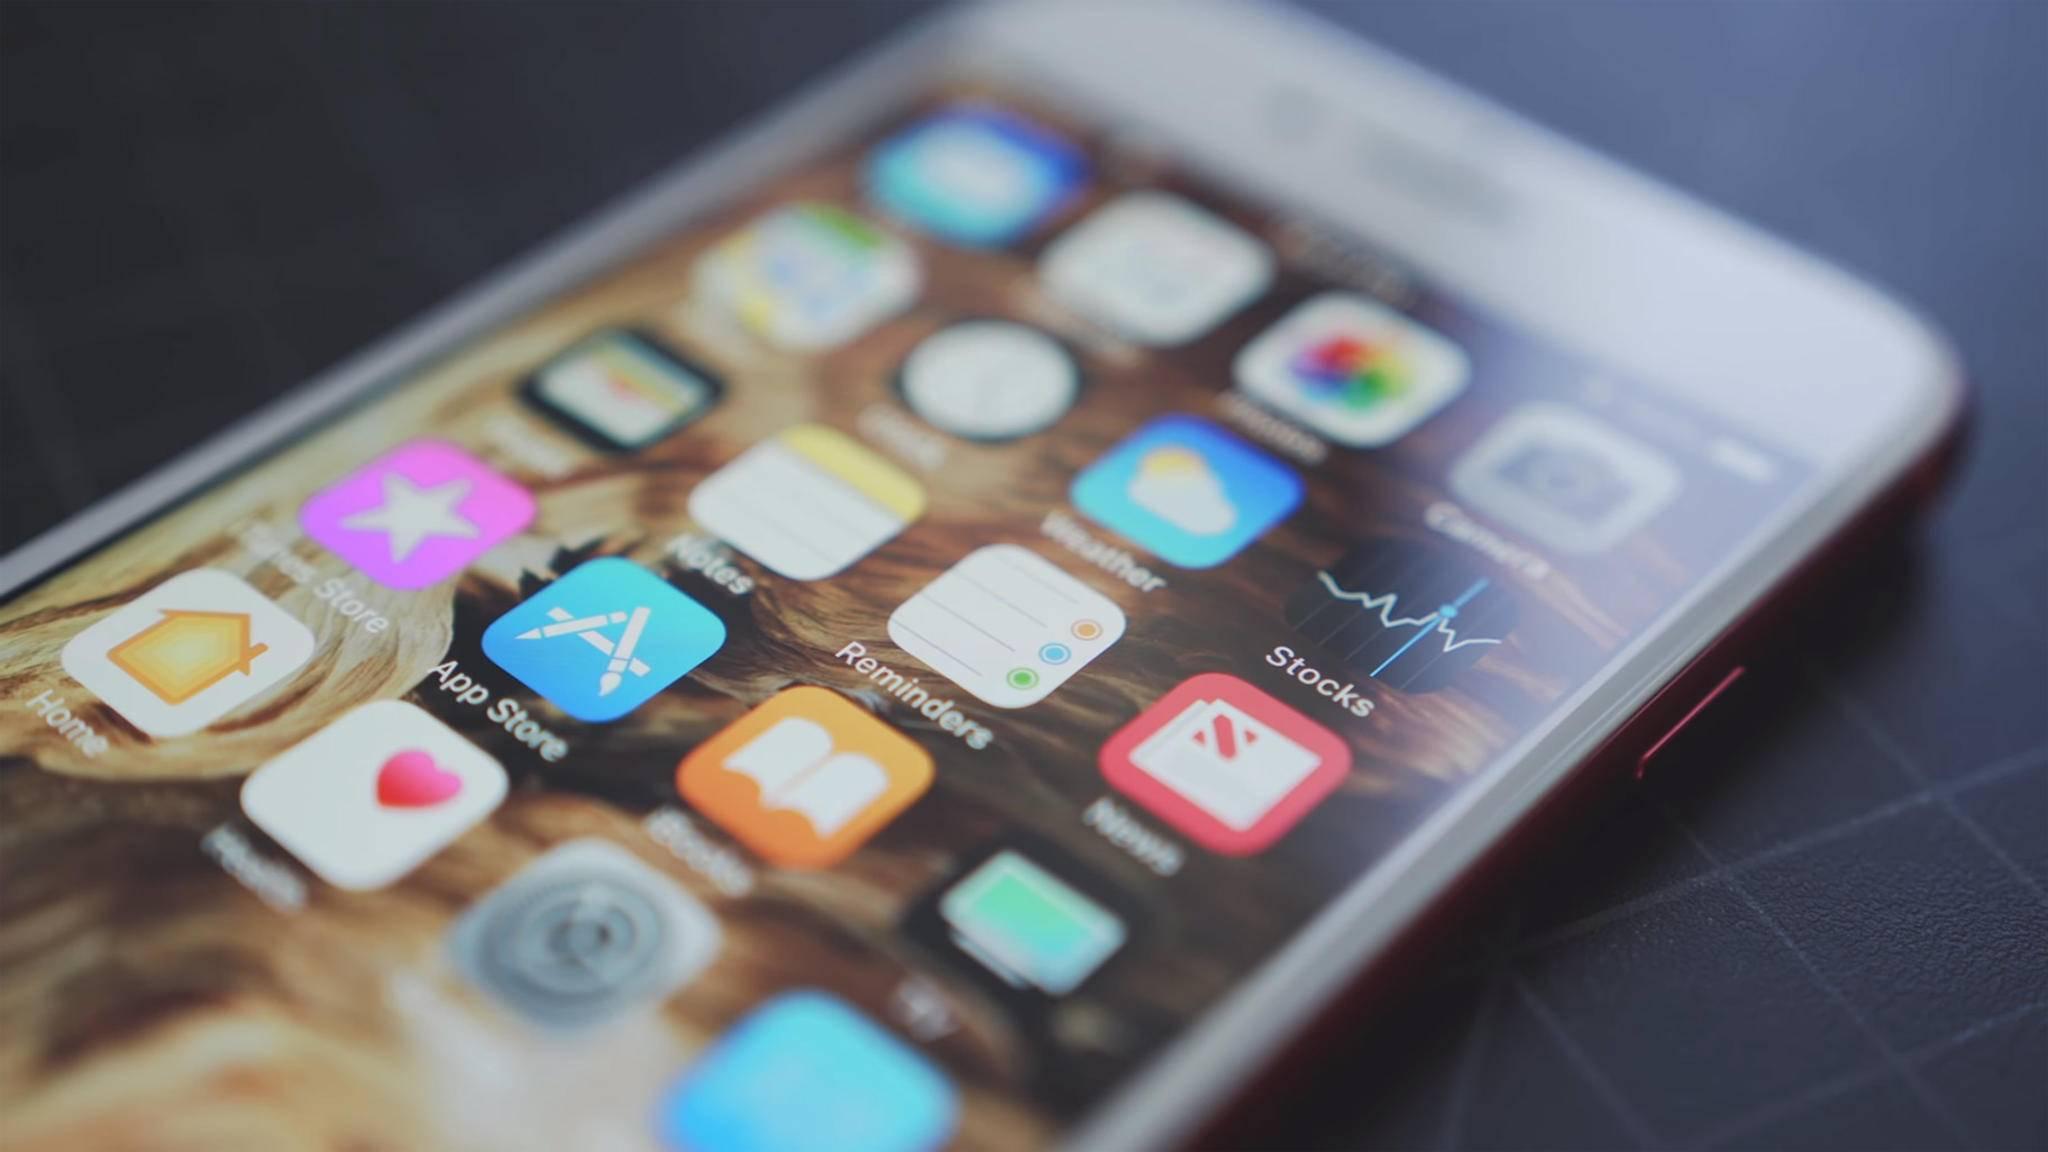 32-Bit-Apps haben in iOS 11 keine Chance mehr.